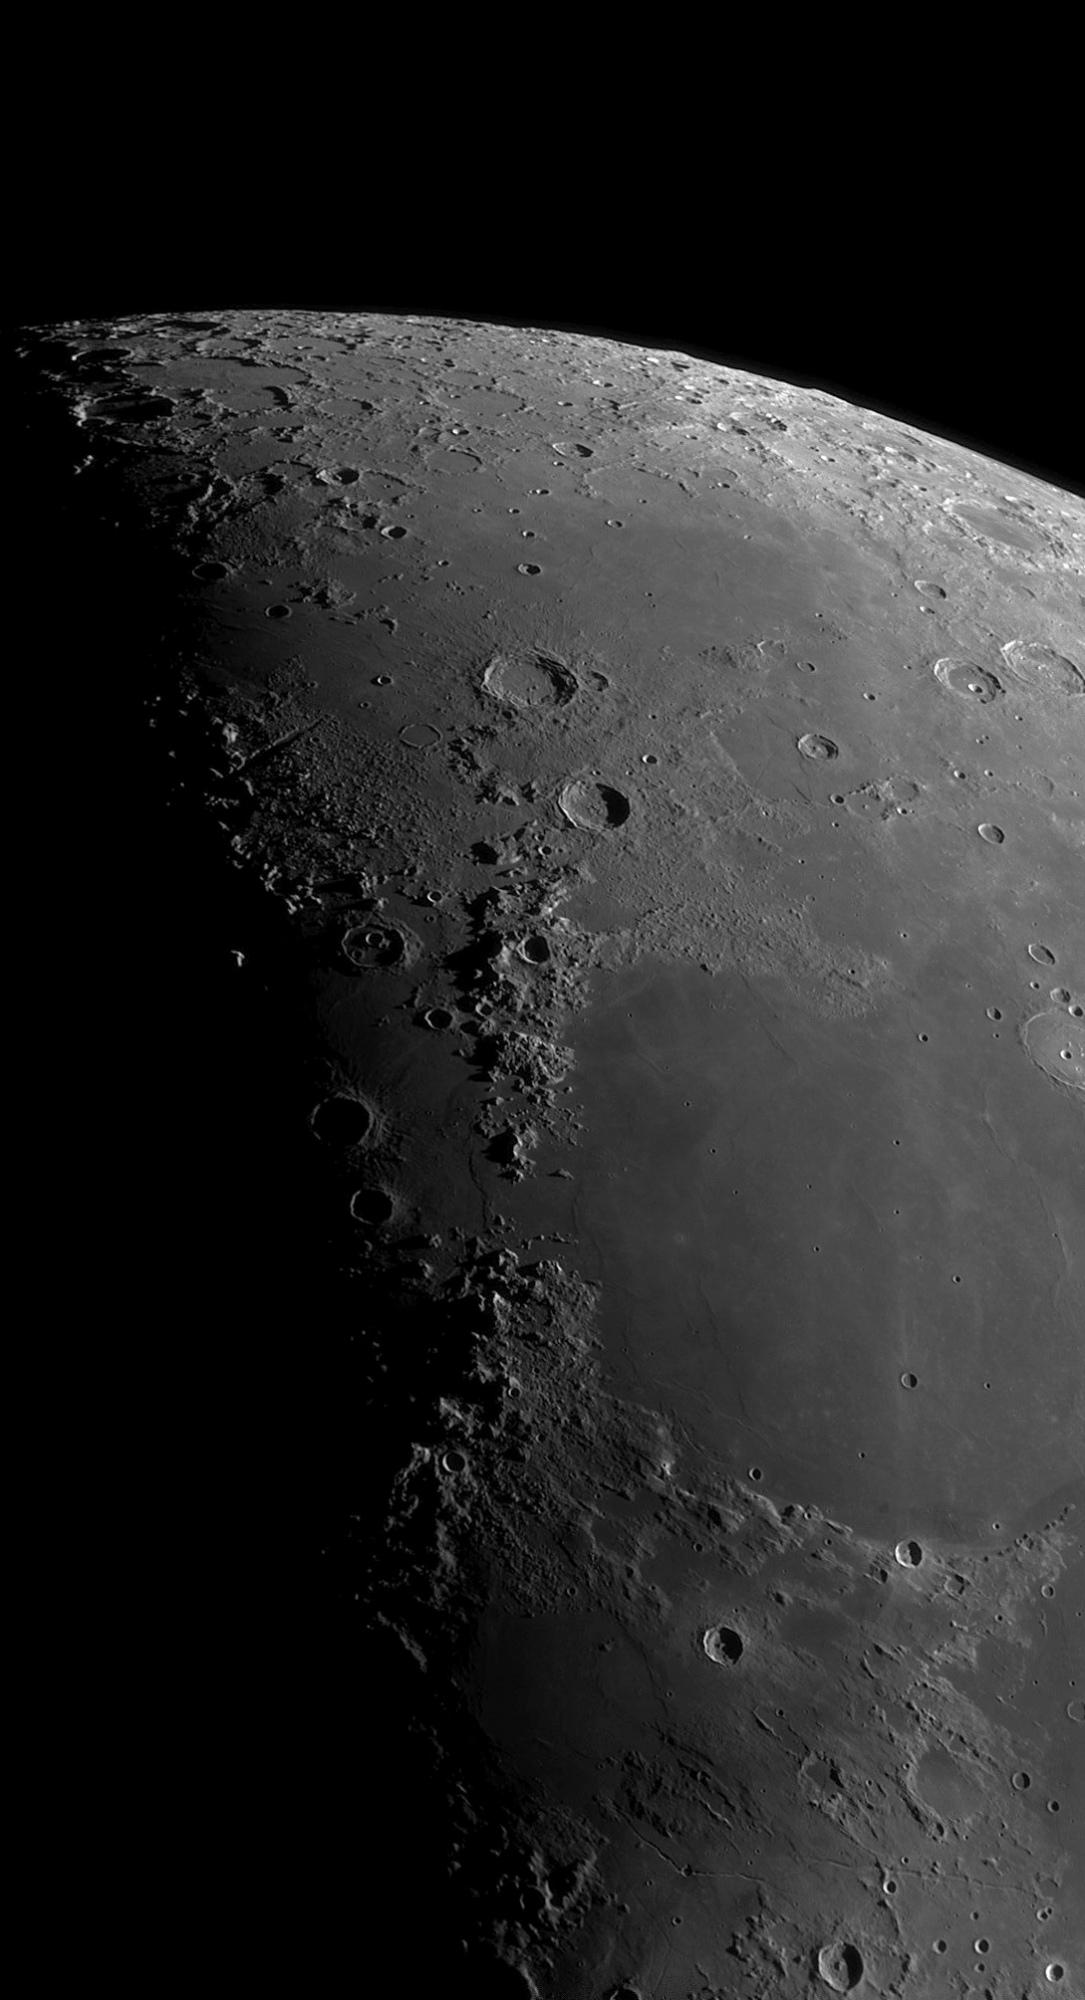 5e89f96f21ed8_Lune2020-03-31-1930_3-CapObjbis.thumb.jpg.46f87fc2158963ebe91bd0f9720d70f5.jpg